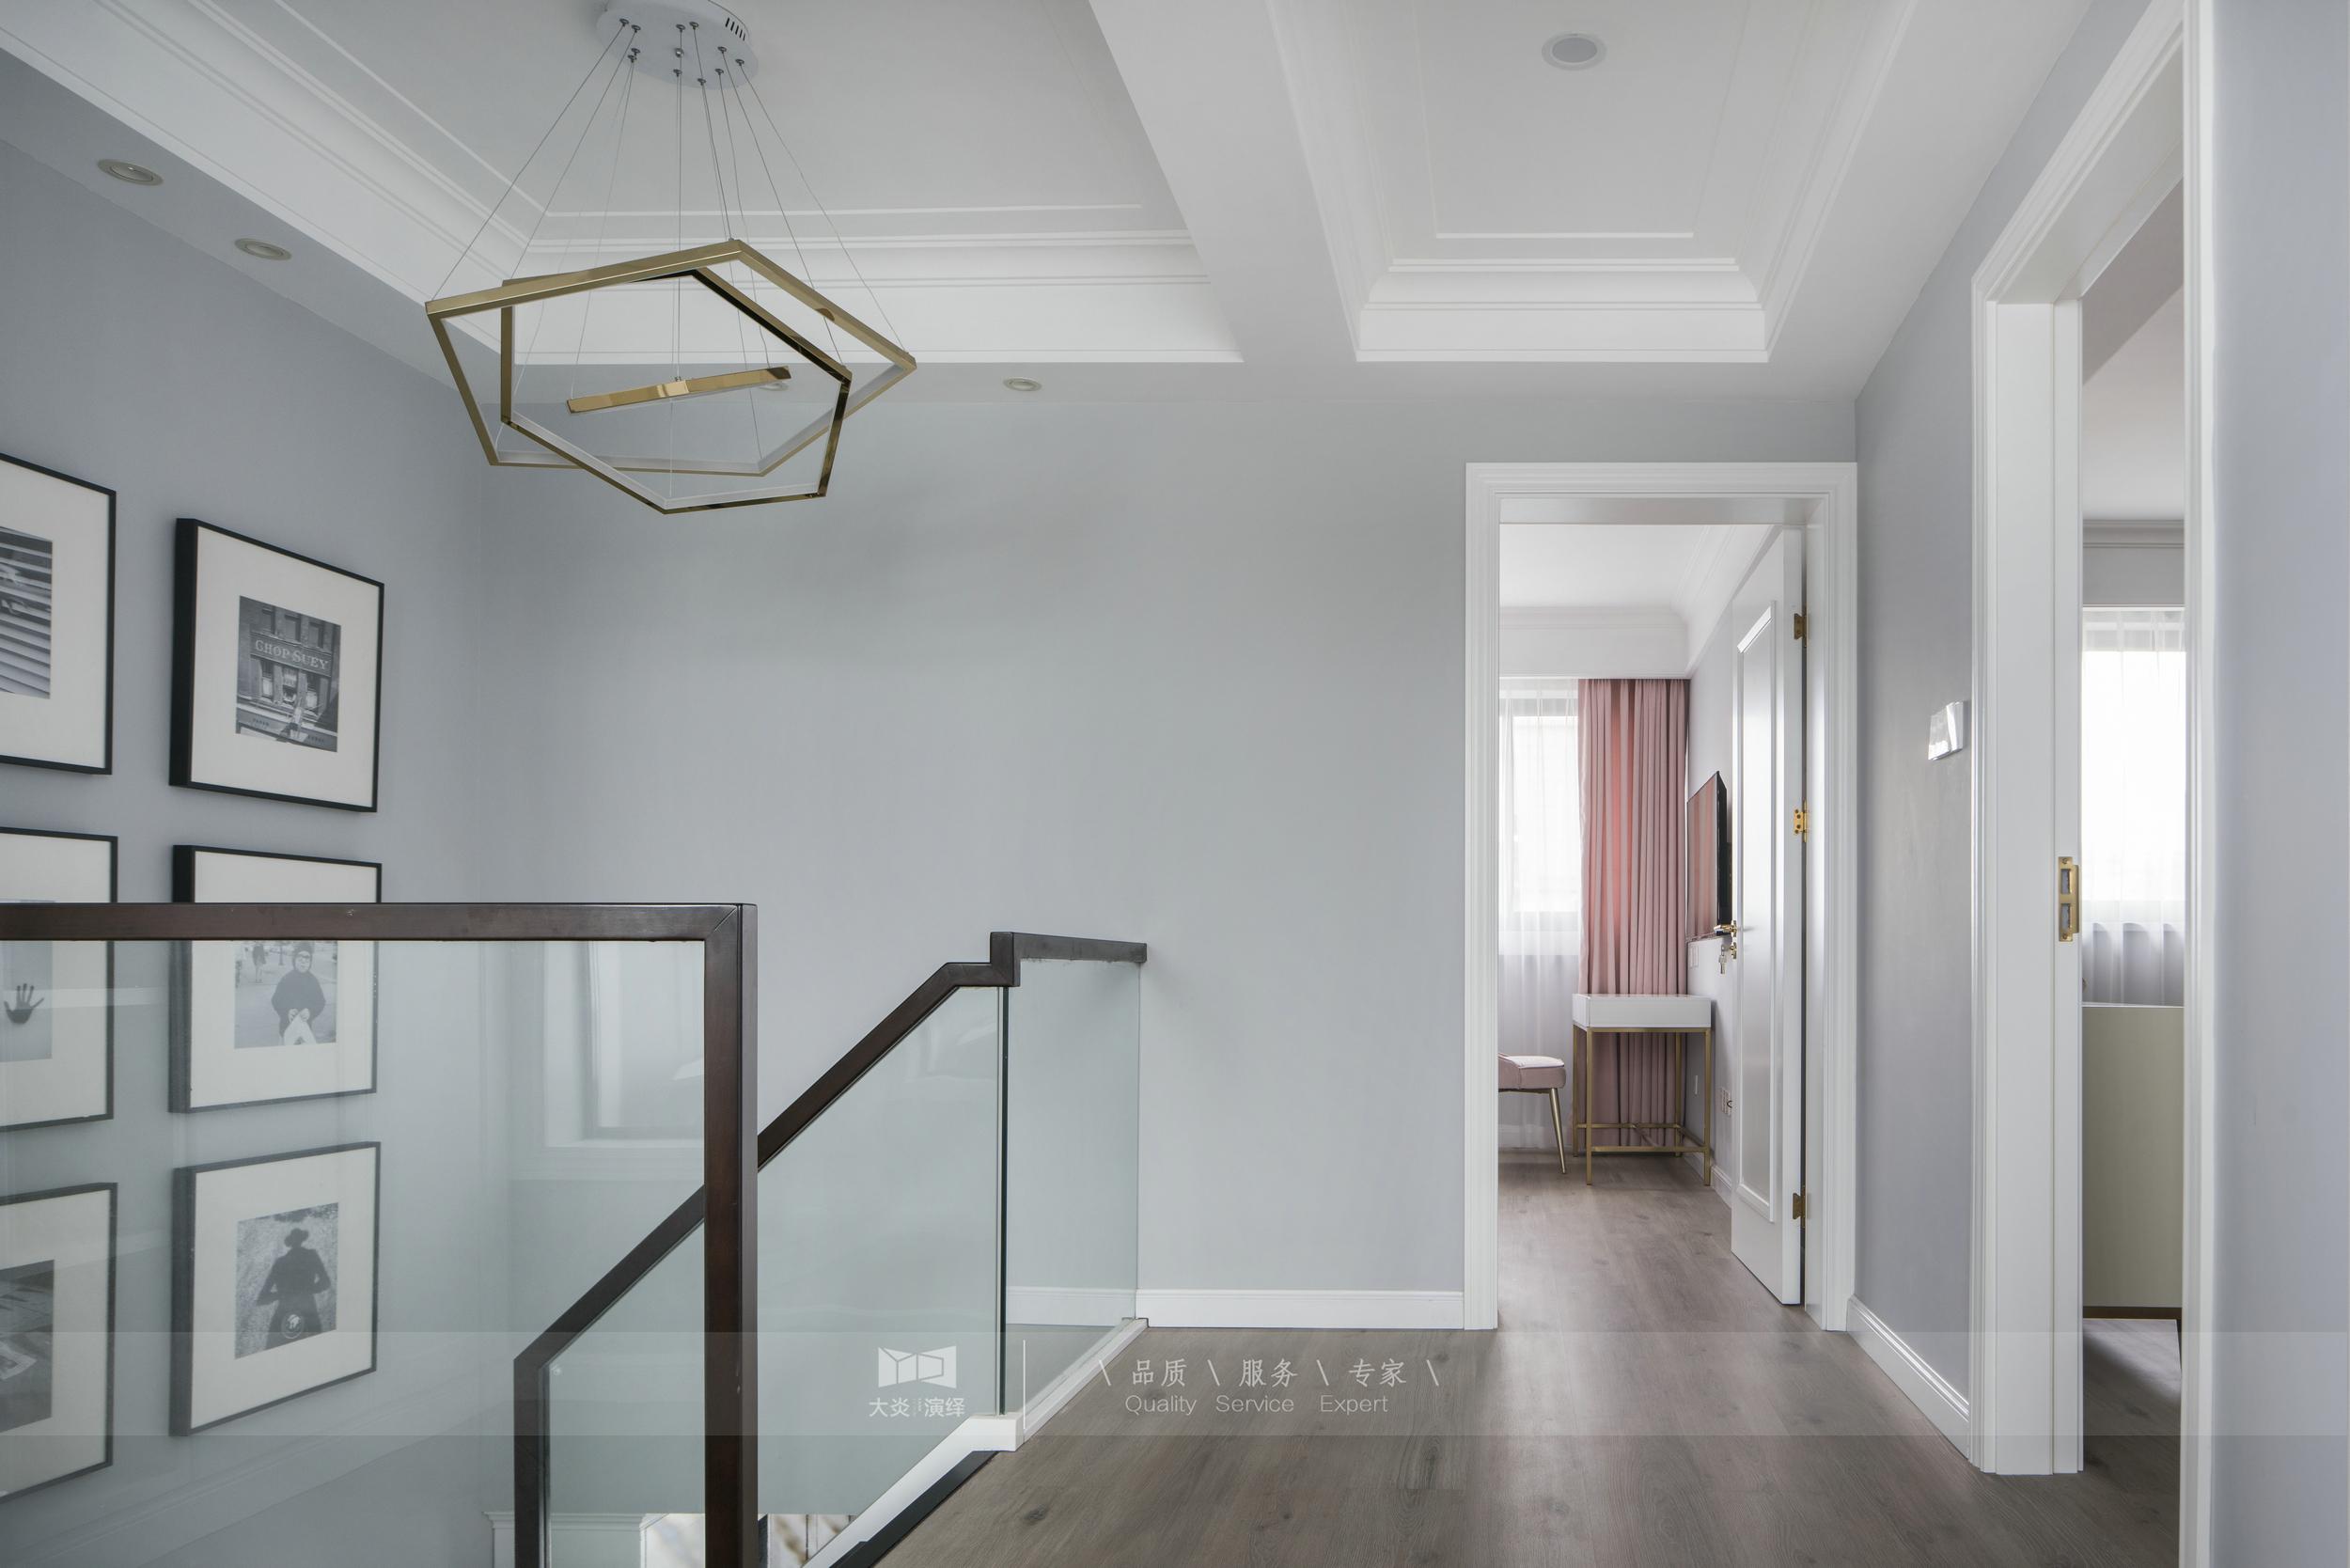 110㎡复式轻奢风装修楼梯间吊灯设计